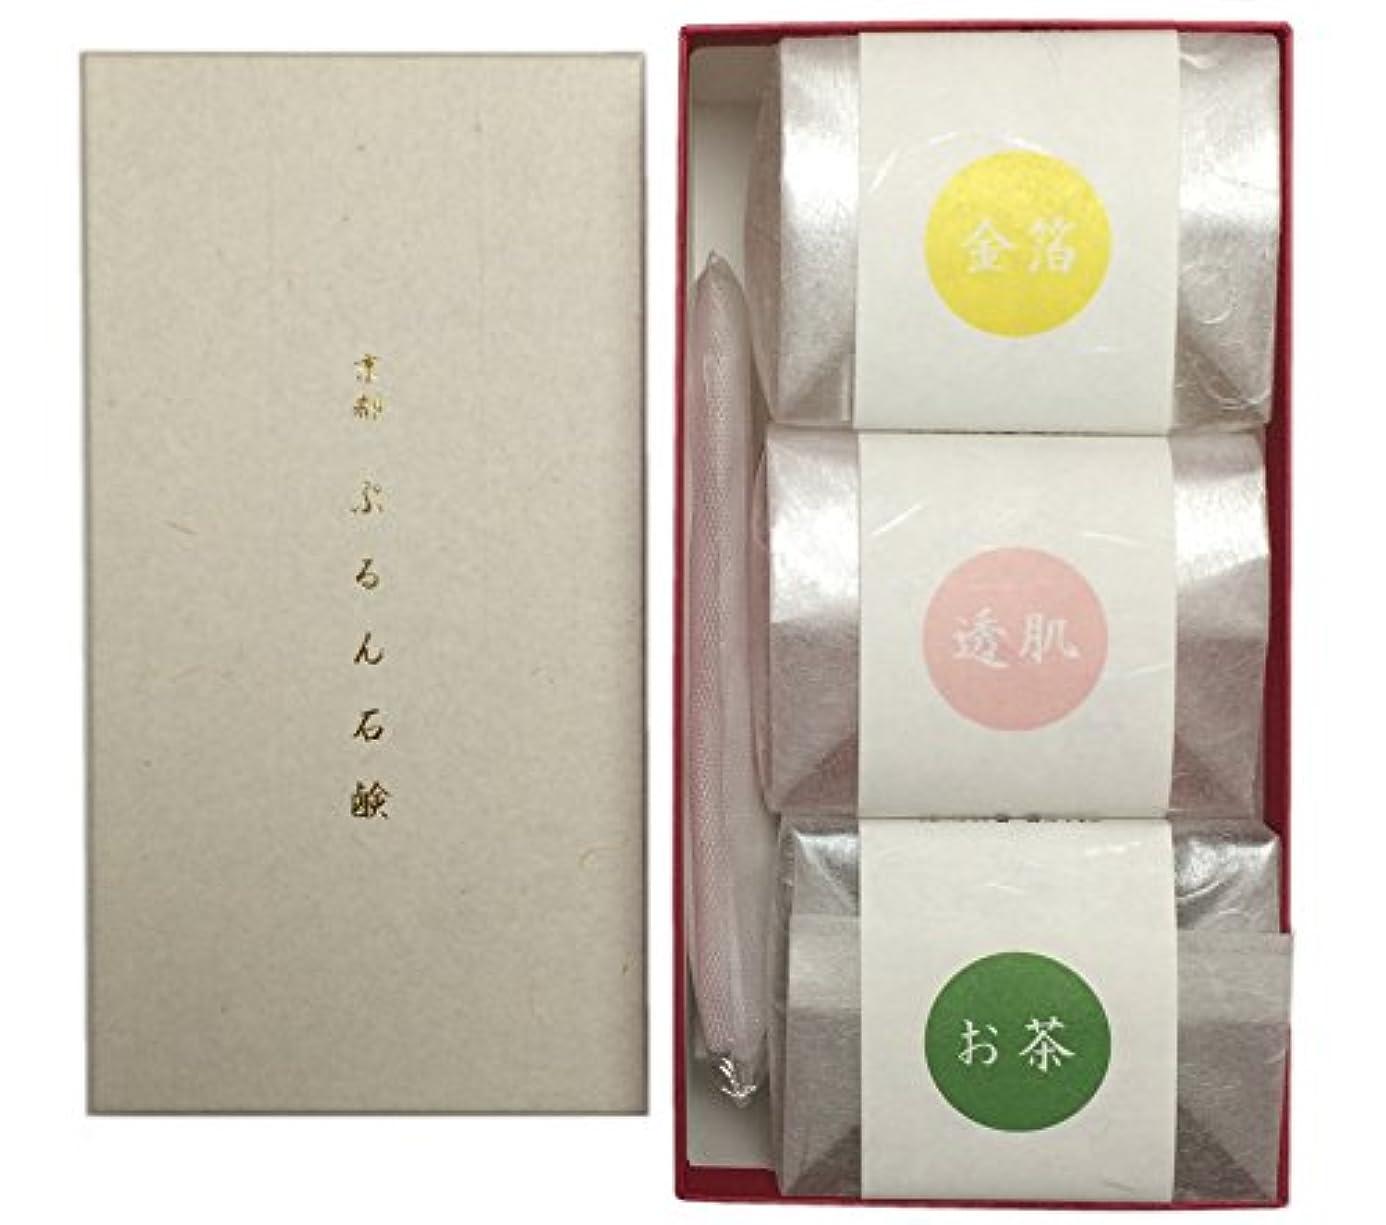 自然刻むロッド京都 ぷるん石鹸 ピュアソープ ヒアルロン酸 コラーゲン ギフトボックス 3種3個セット